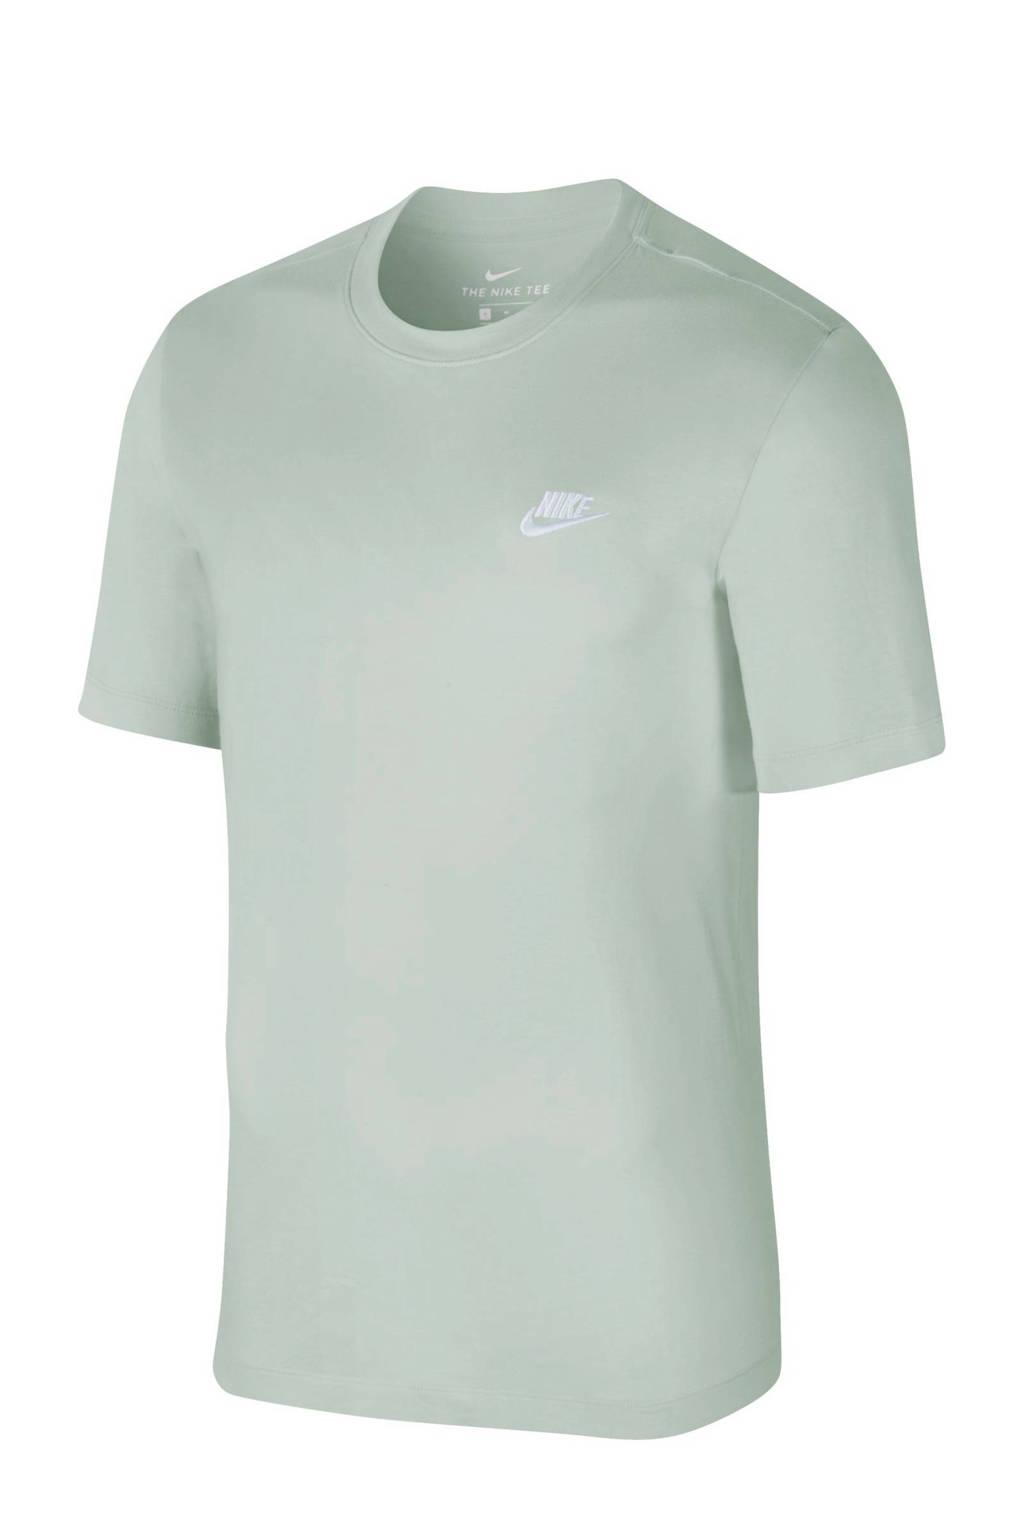 Nike T-shirt mintgroen, Mintgroen